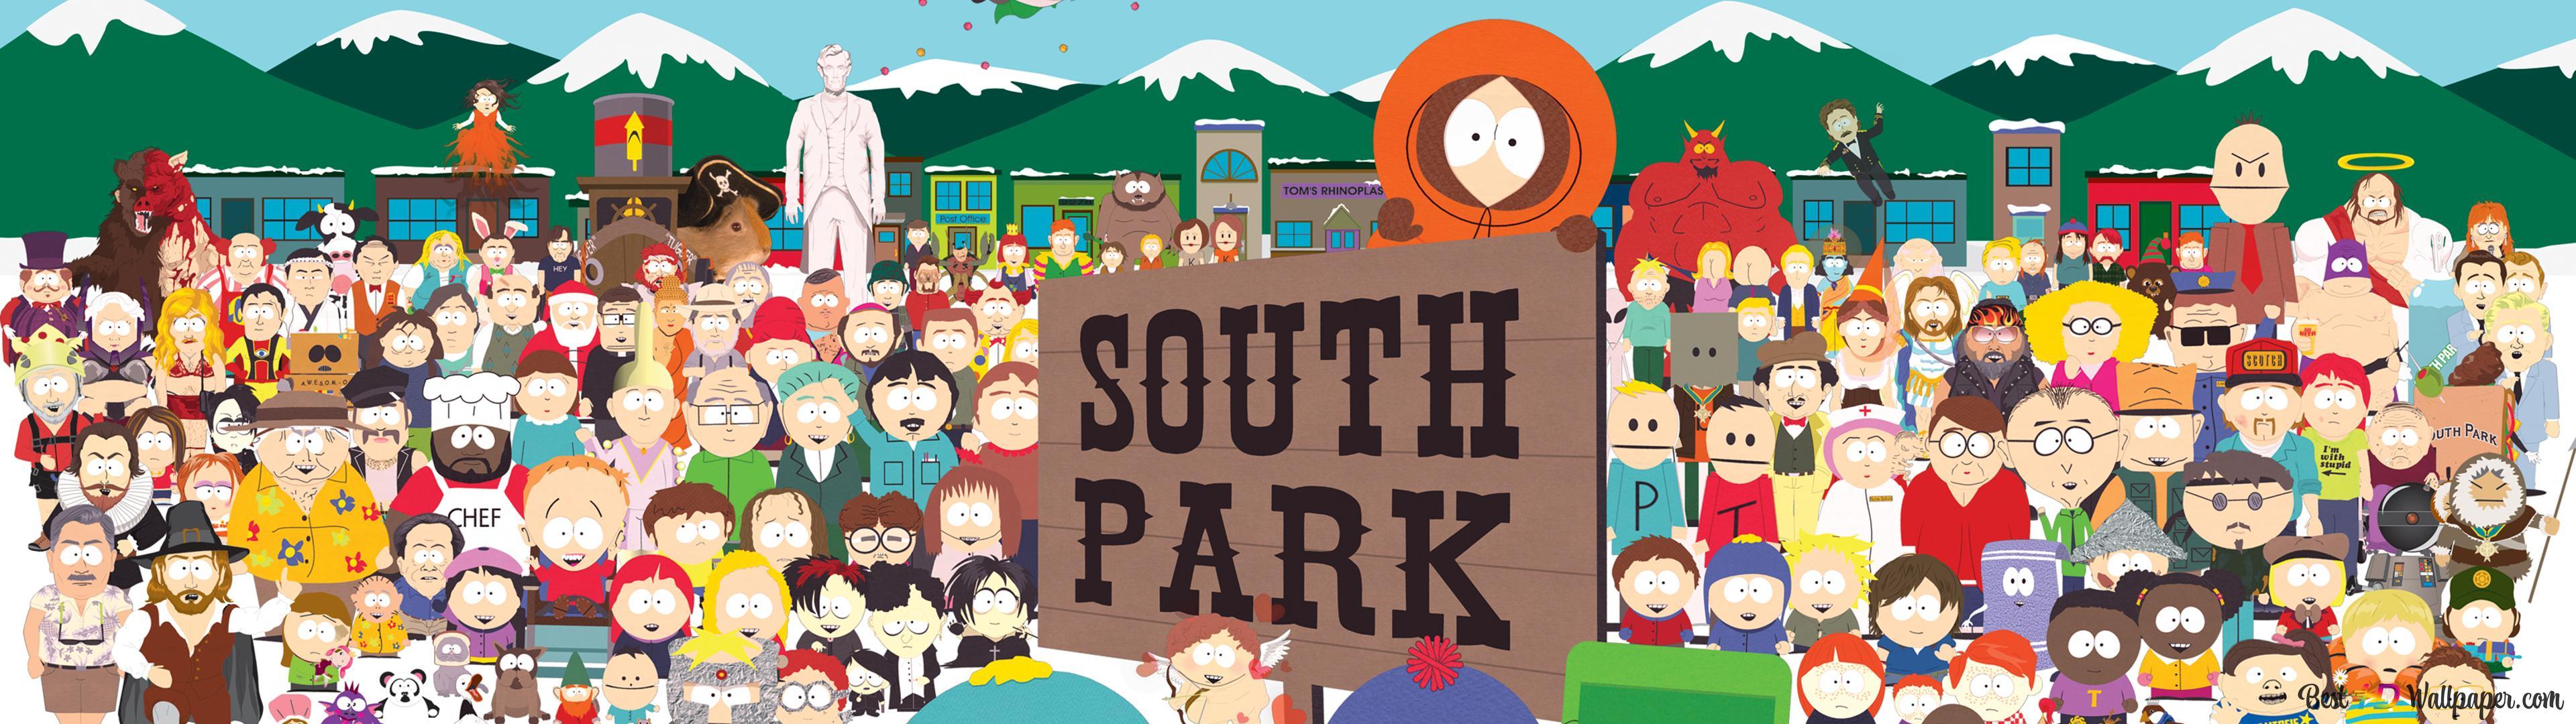 Descargar Fondo De Pantalla South Park Estadounidense